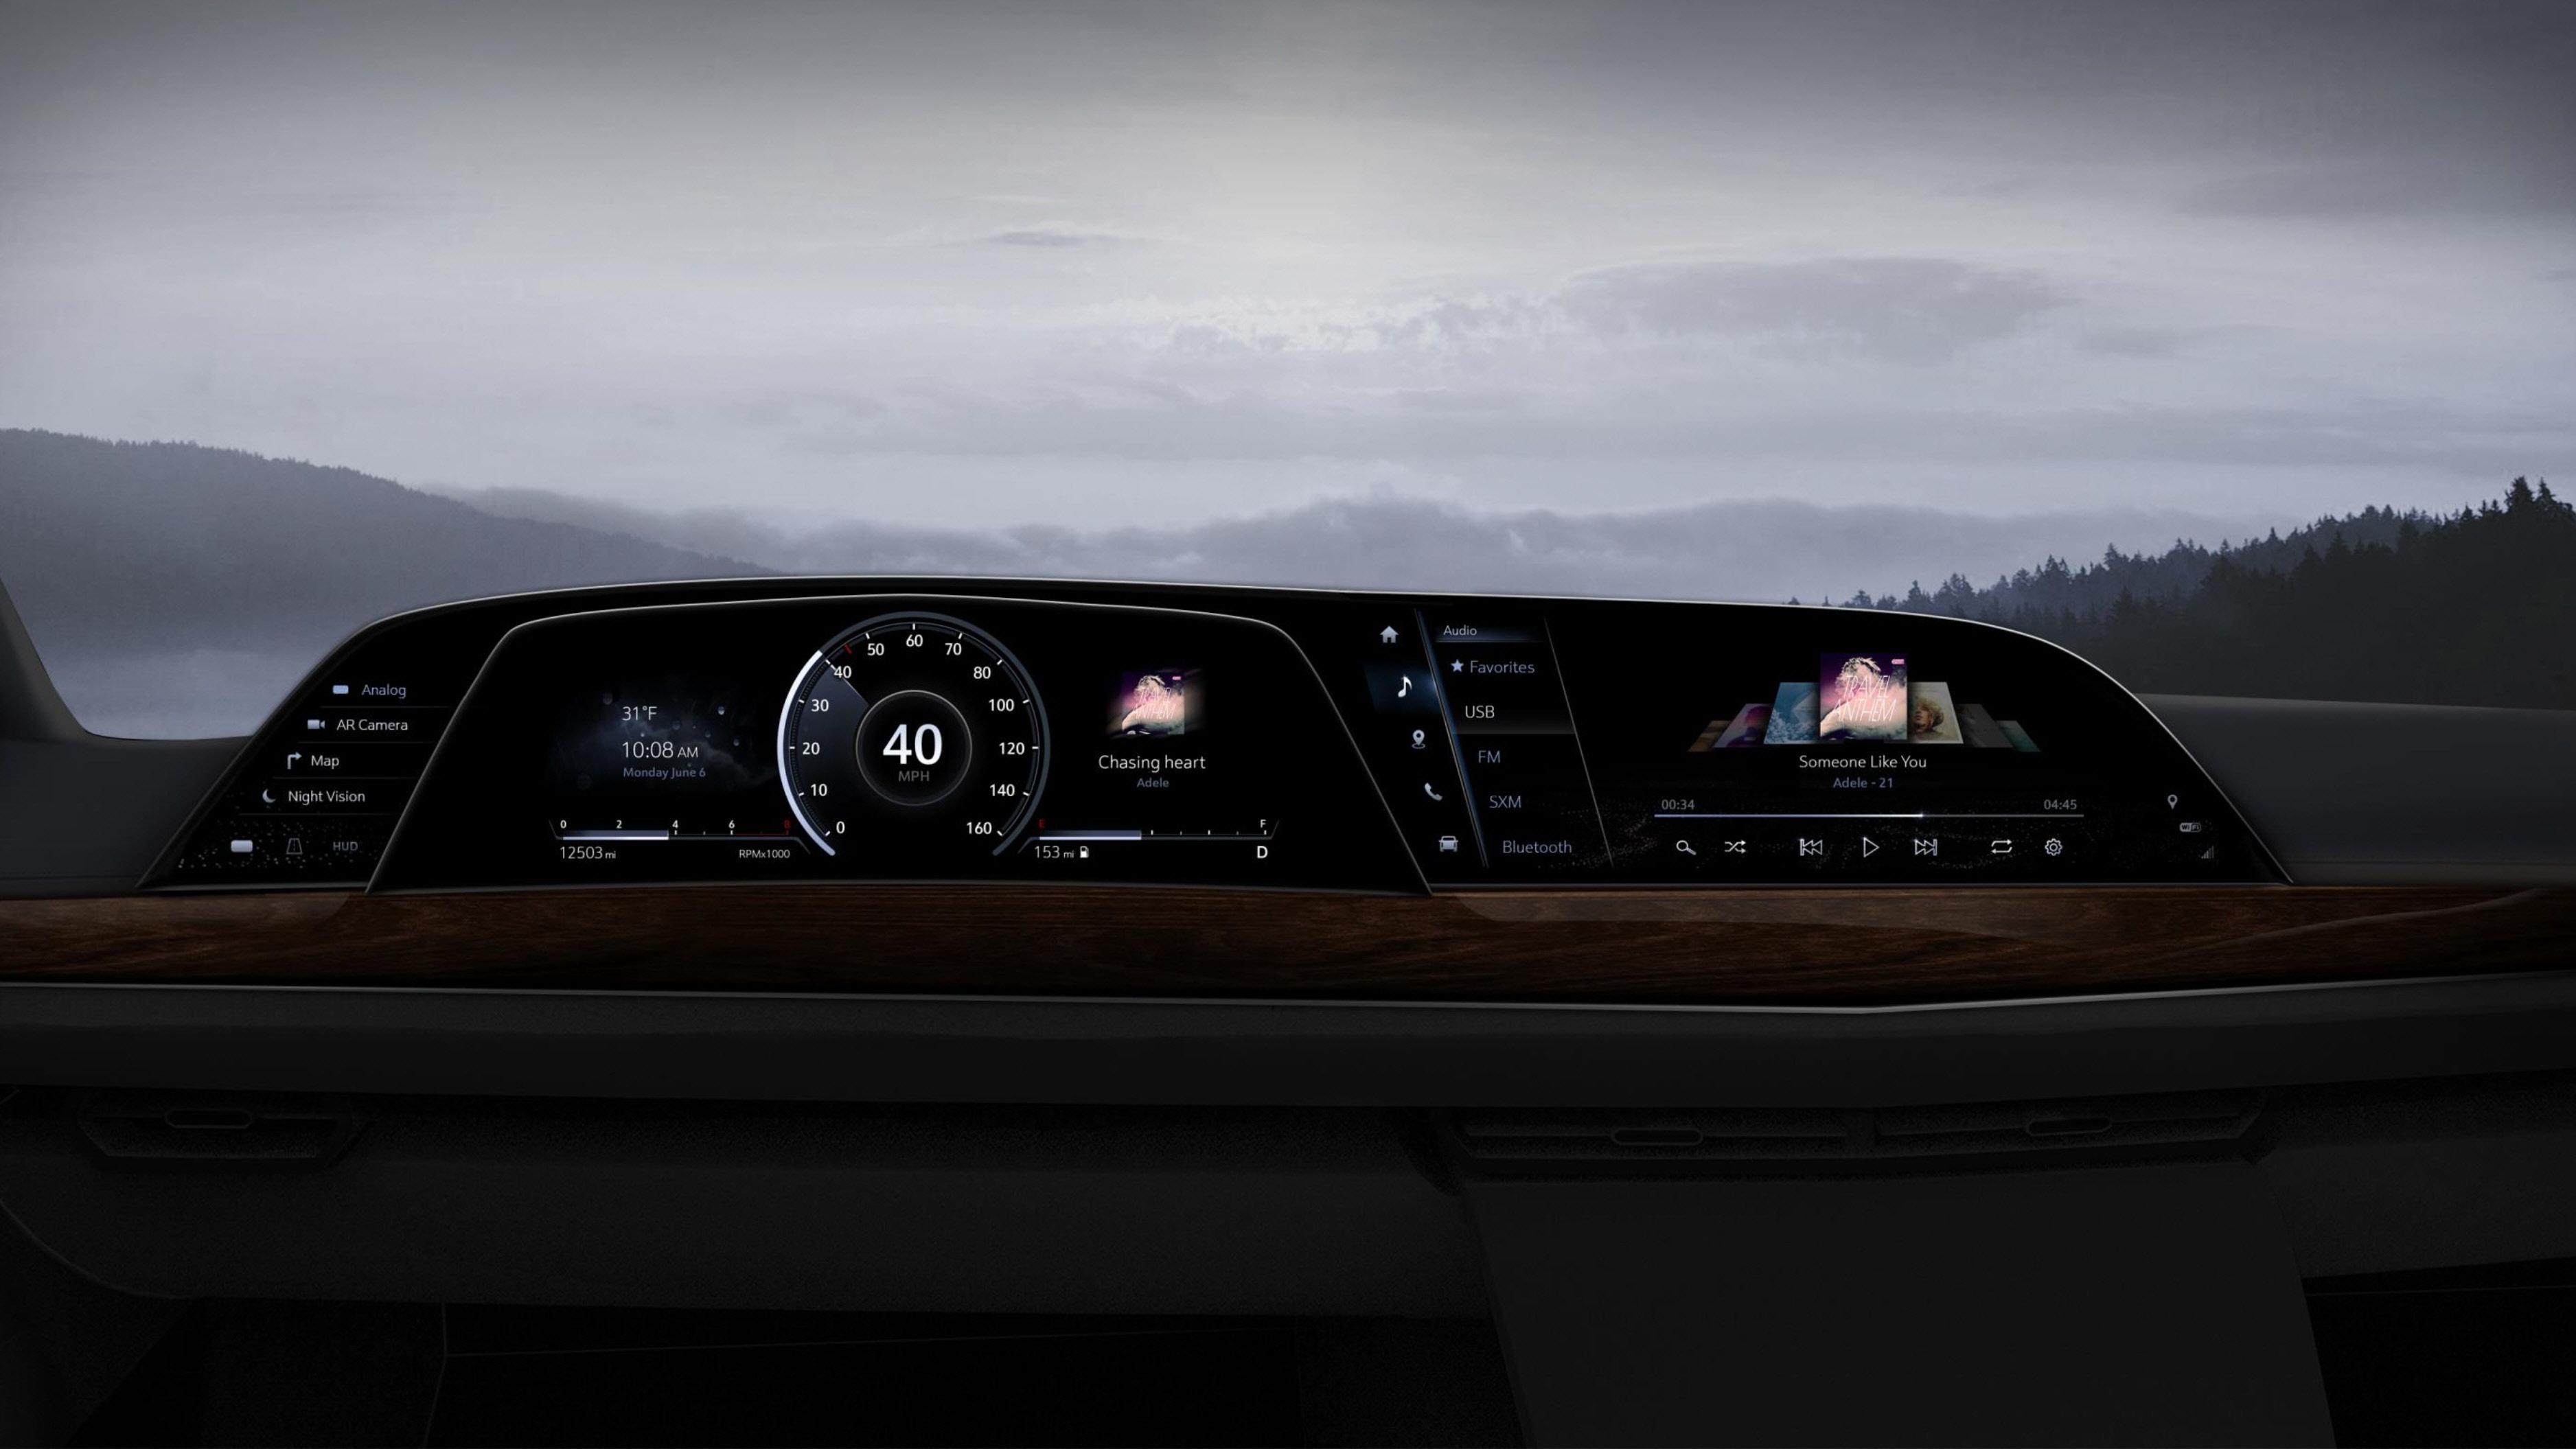 LG전자가 공급한 P-OLED 기반 디지털 콕핏을 차량에 적용한 이미지 예시